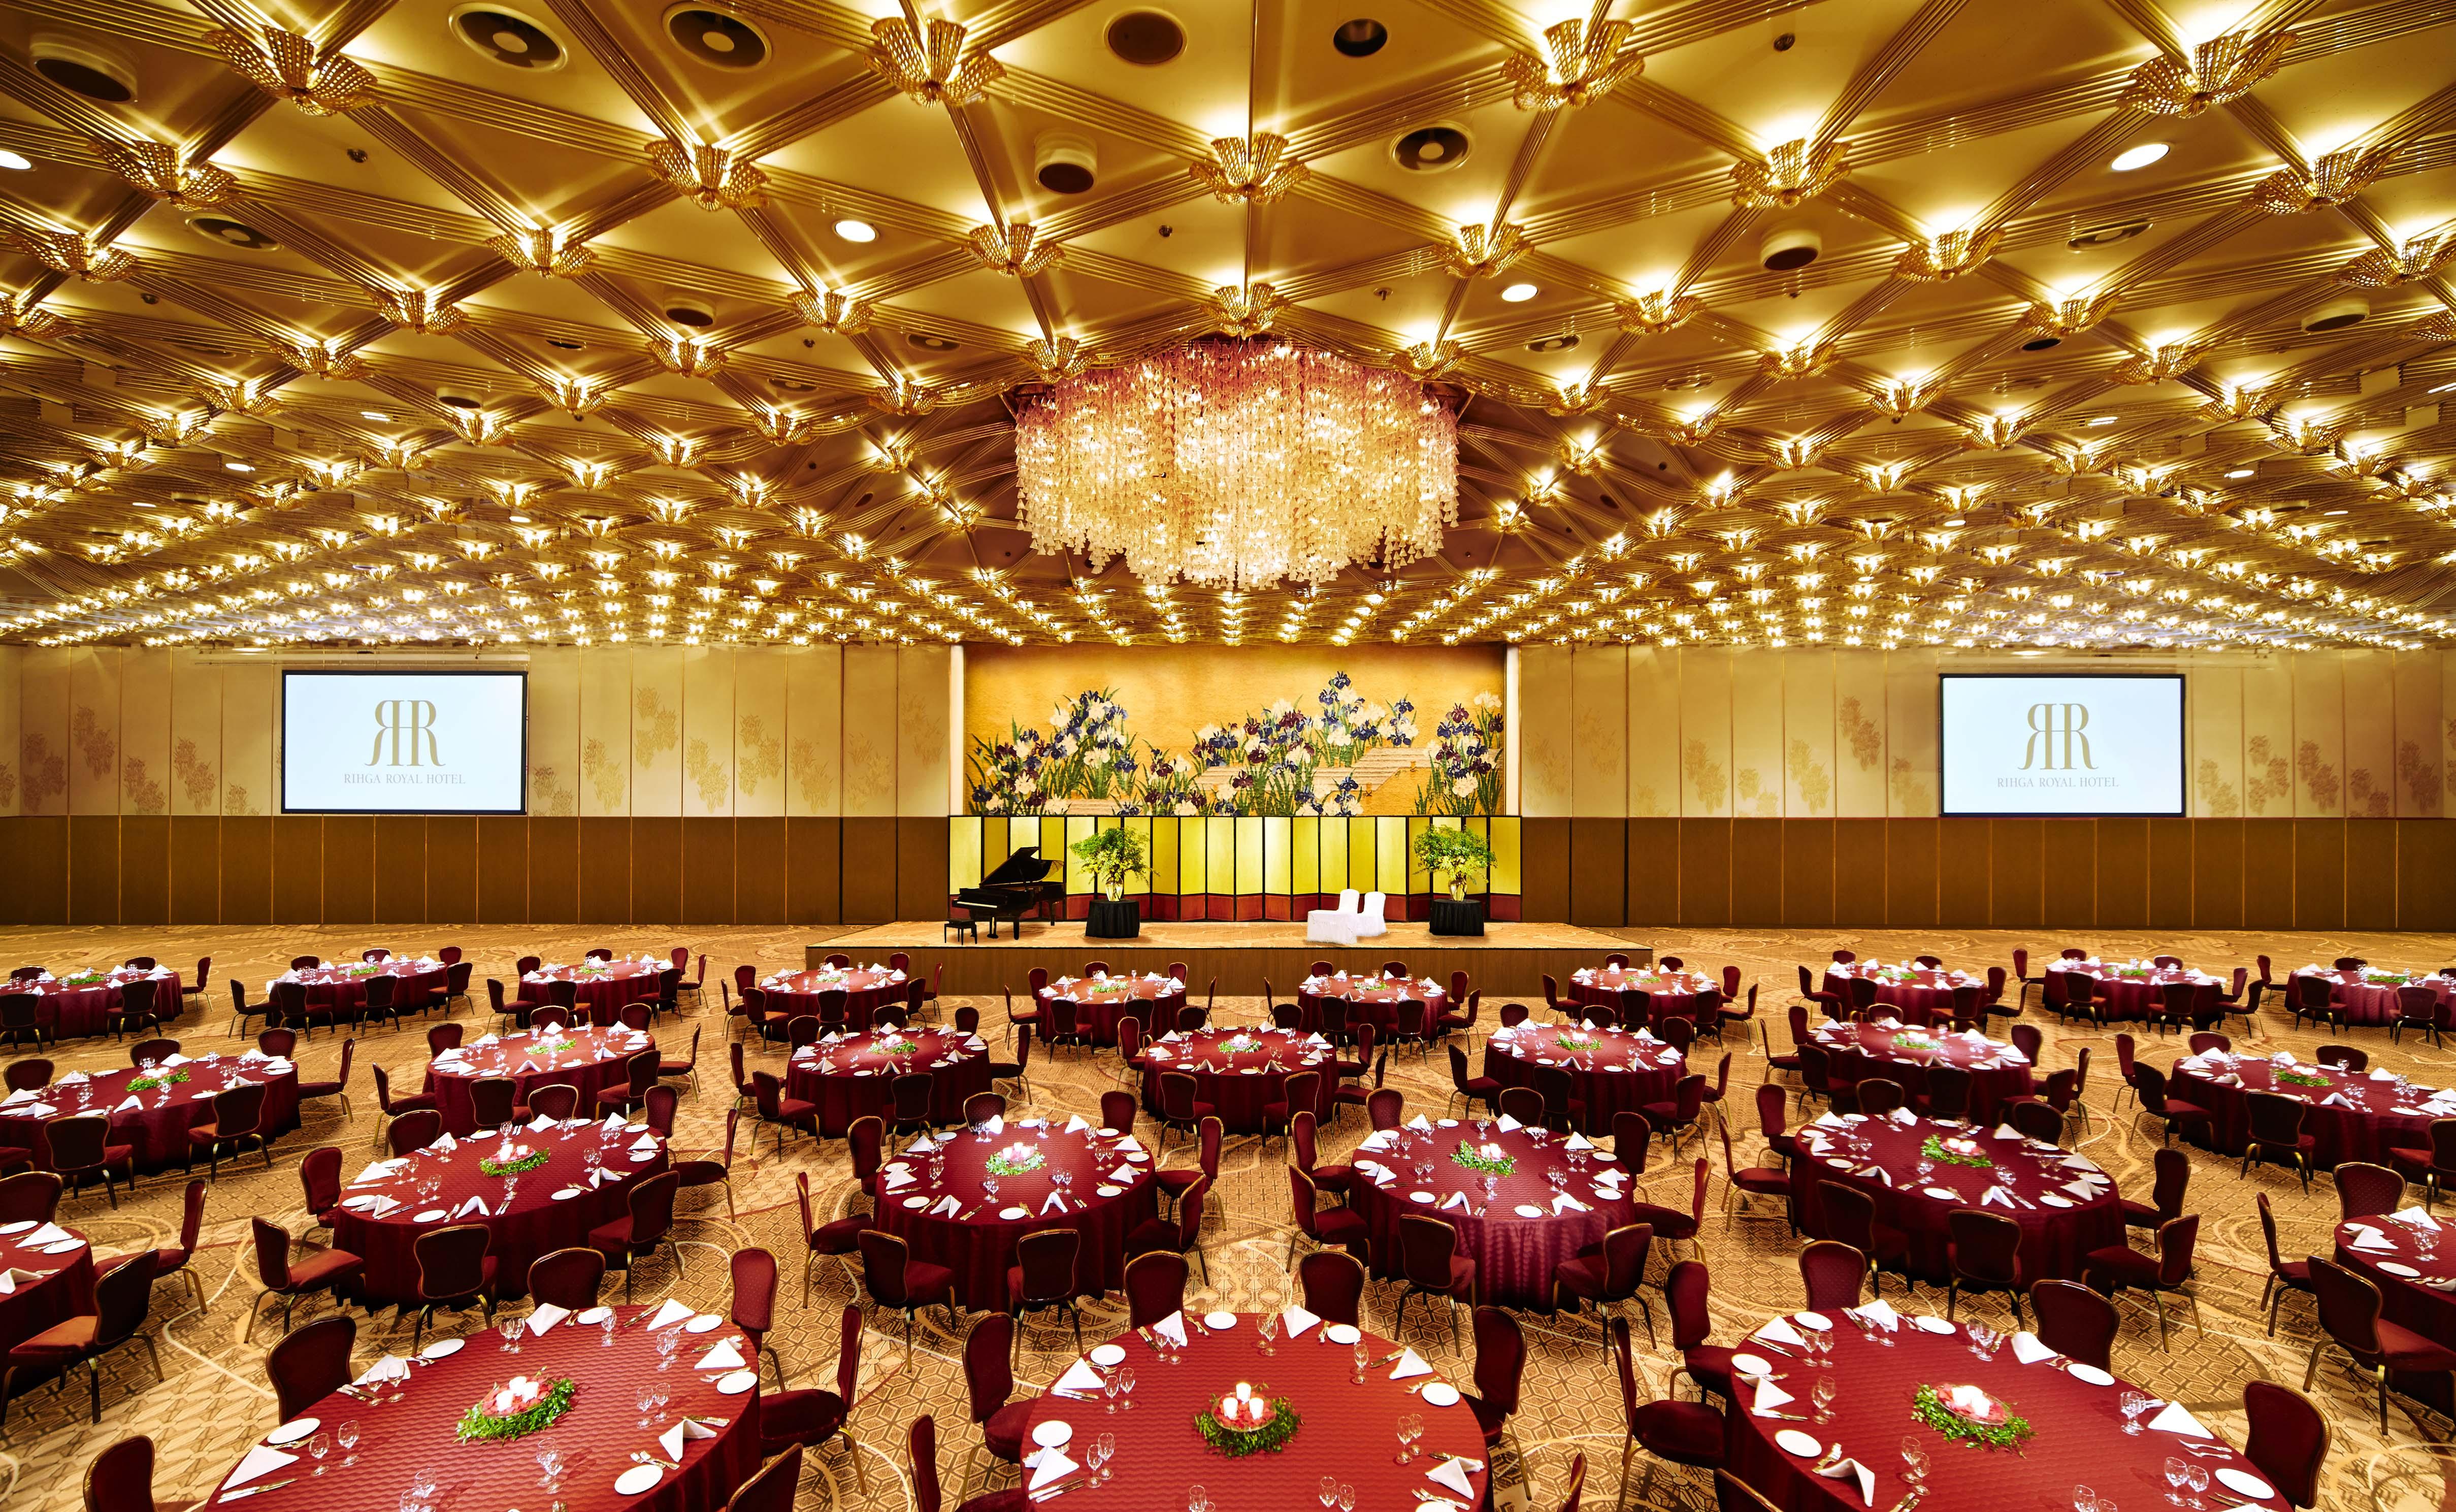 【大阪】祝賀会・周年記念・式典など団体フォーマル利用におすすめ、大阪の格式高いパーティー会場15選(2020年版)